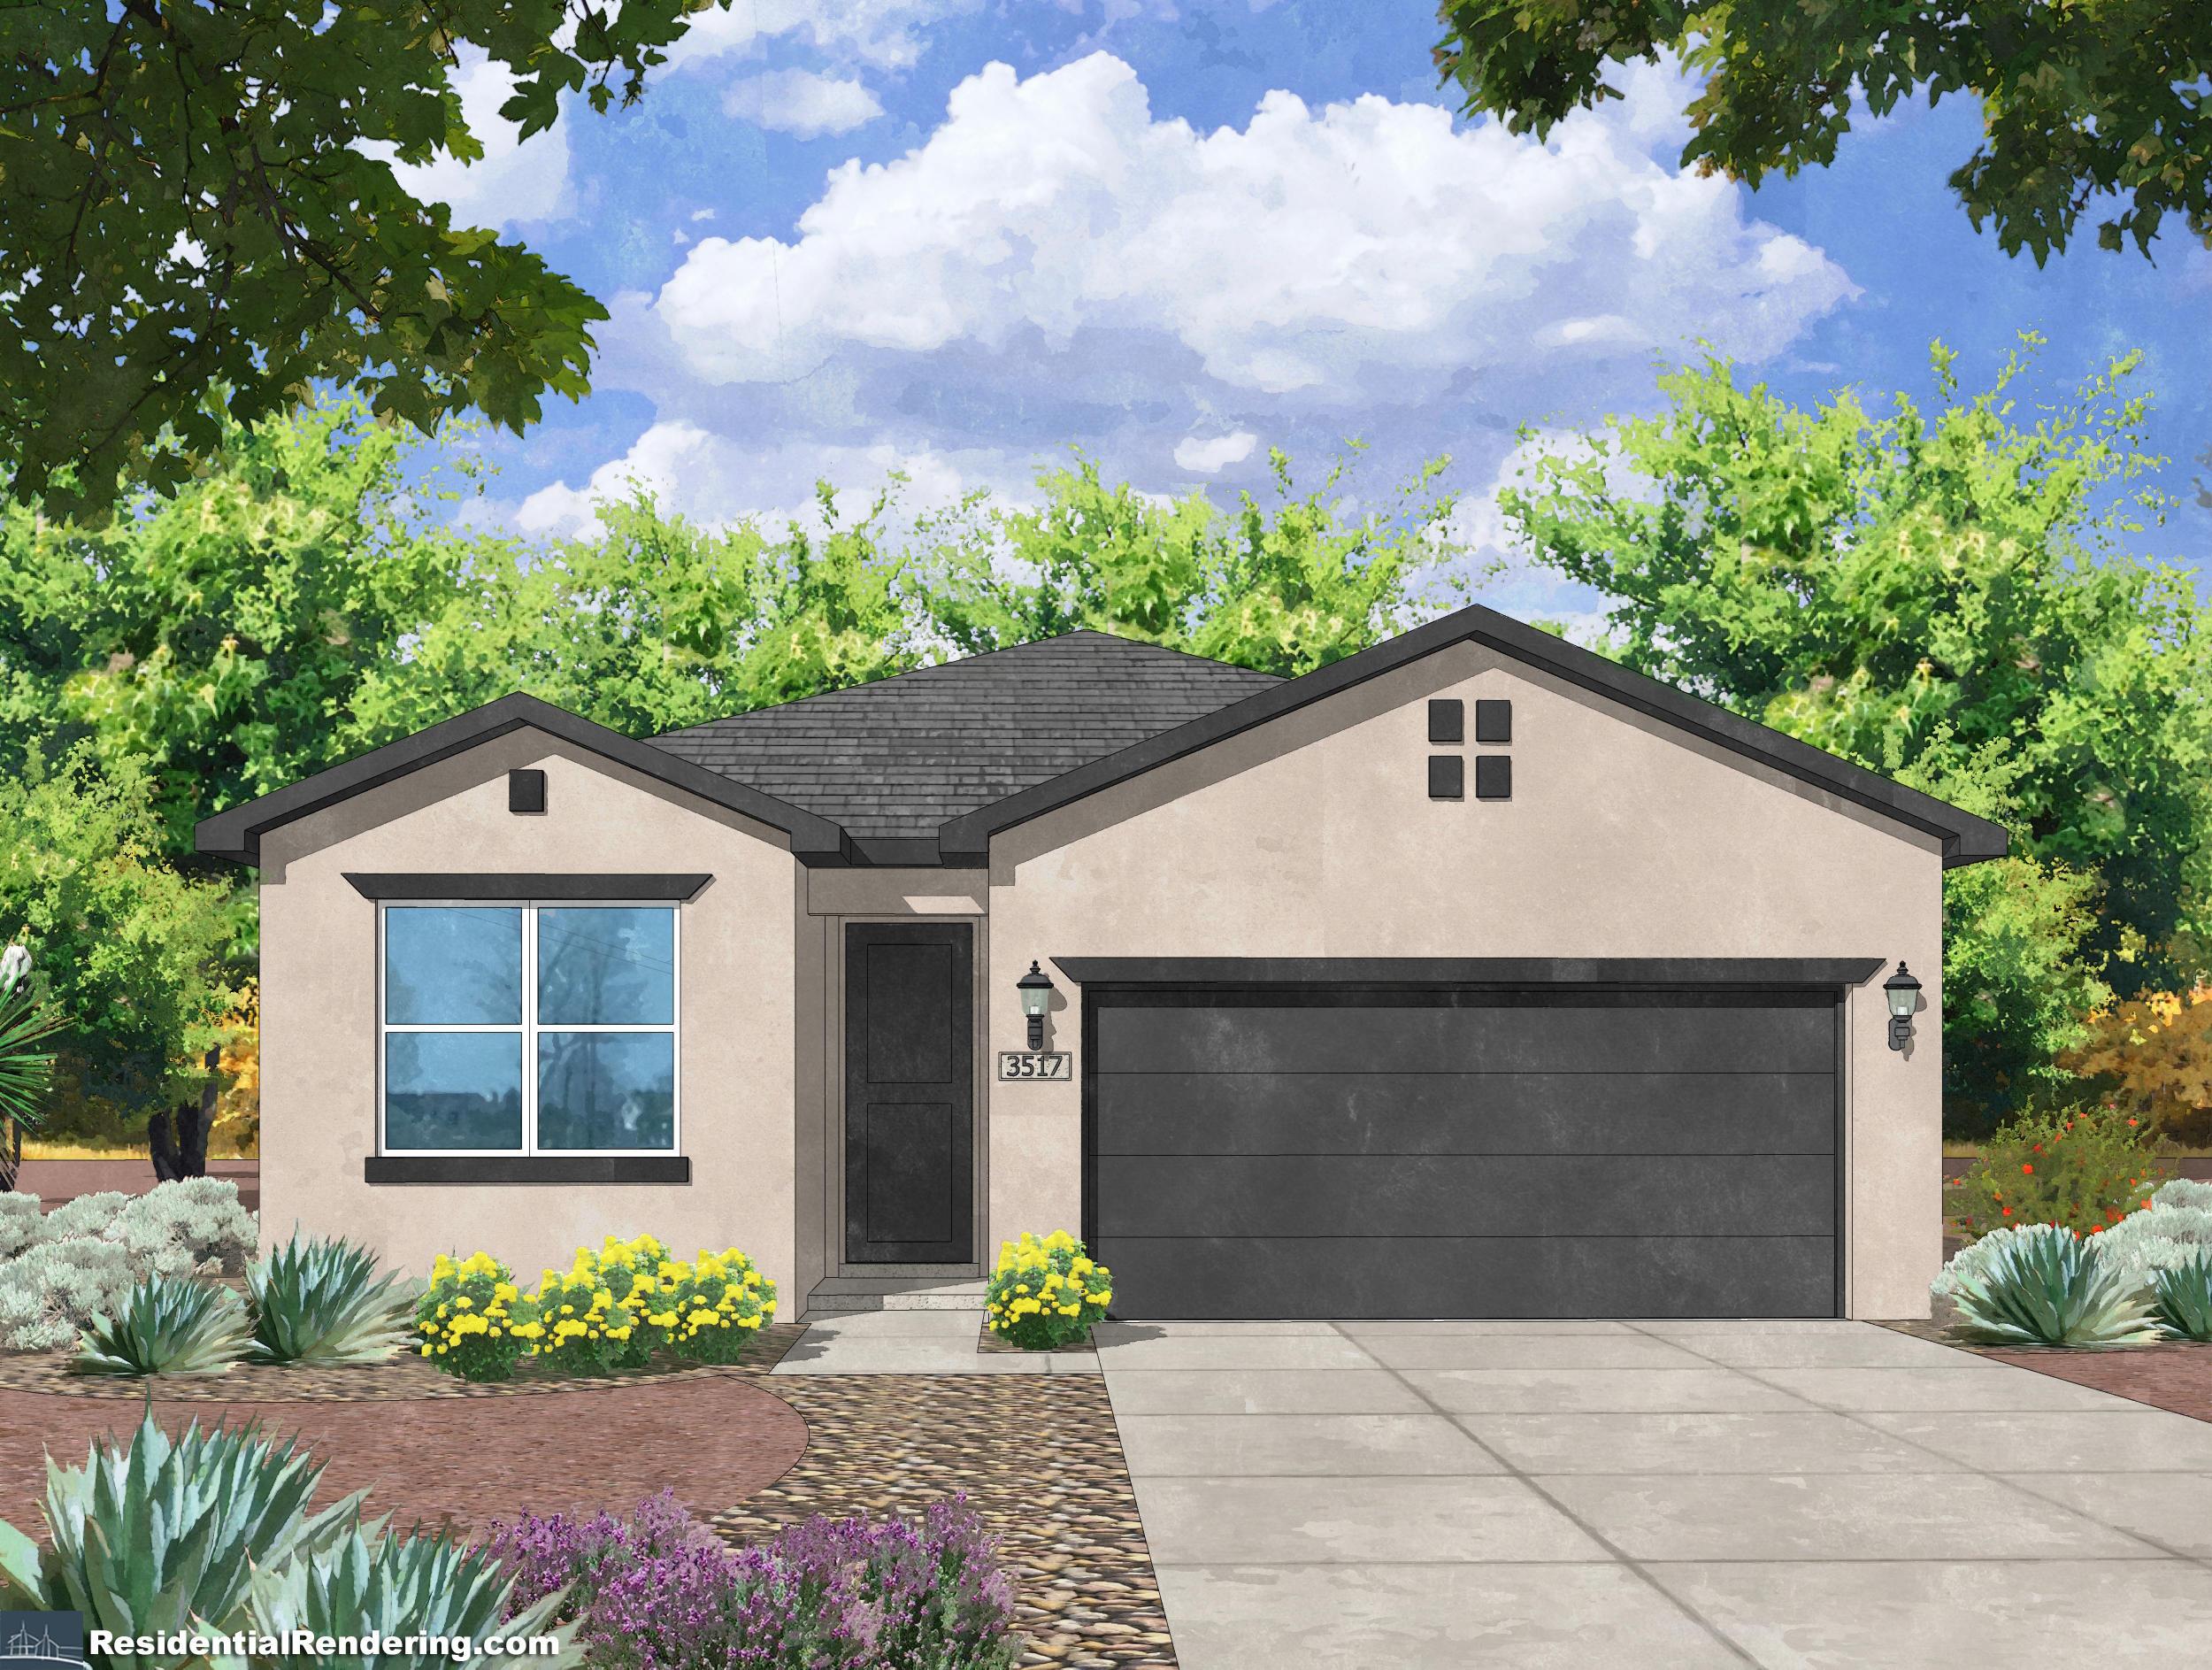 6709 Delgado Way, Rio Rancho NM 87144